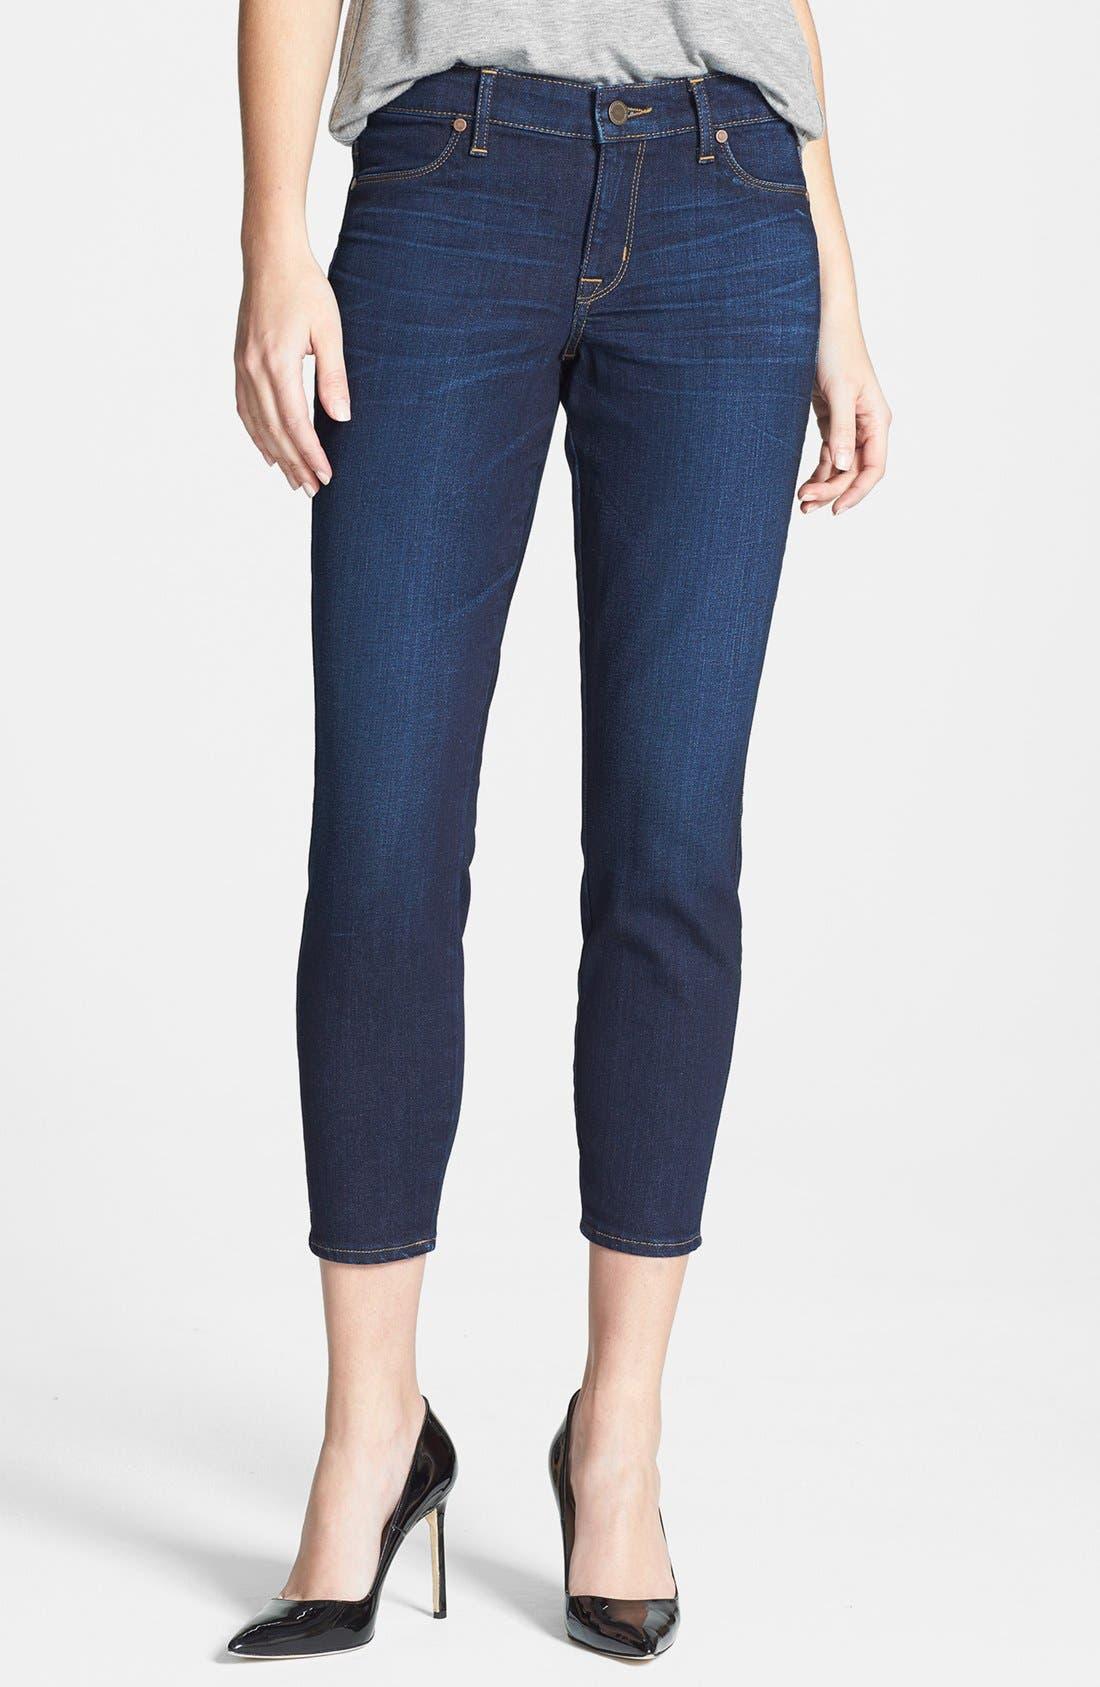 Main Image - CJ by Cookie Johnson 'Believe' Crop Stretch Denim Skinny Jeans (Jeames)